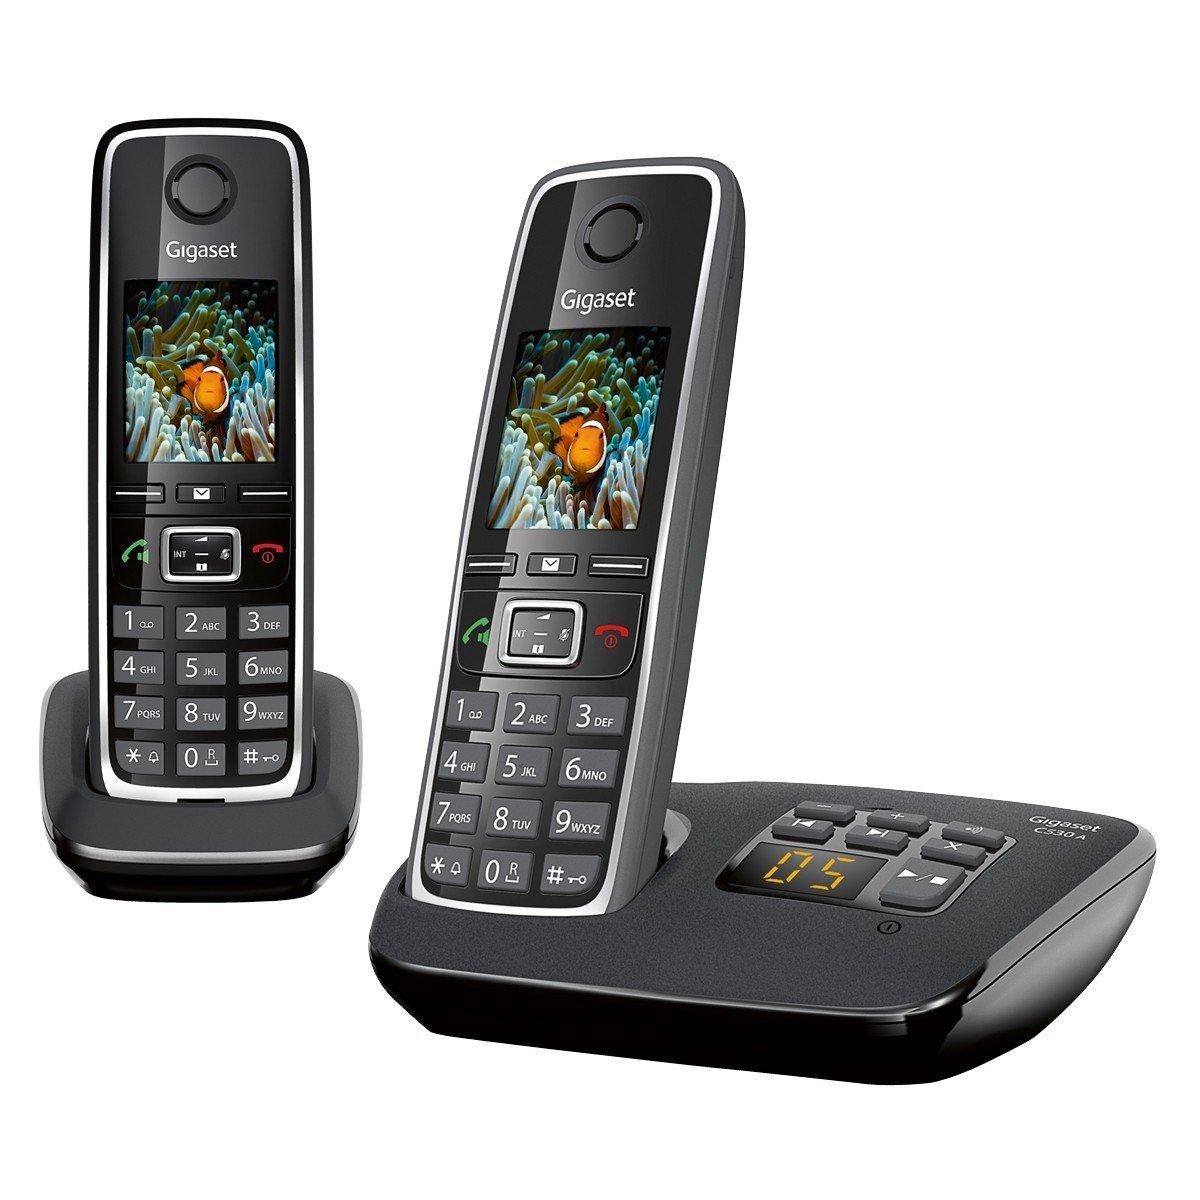 Gigaset C 530 A Duo - Schnurlostelefon mit Anrufbeantworter und 2. Handteil (amazon.it)